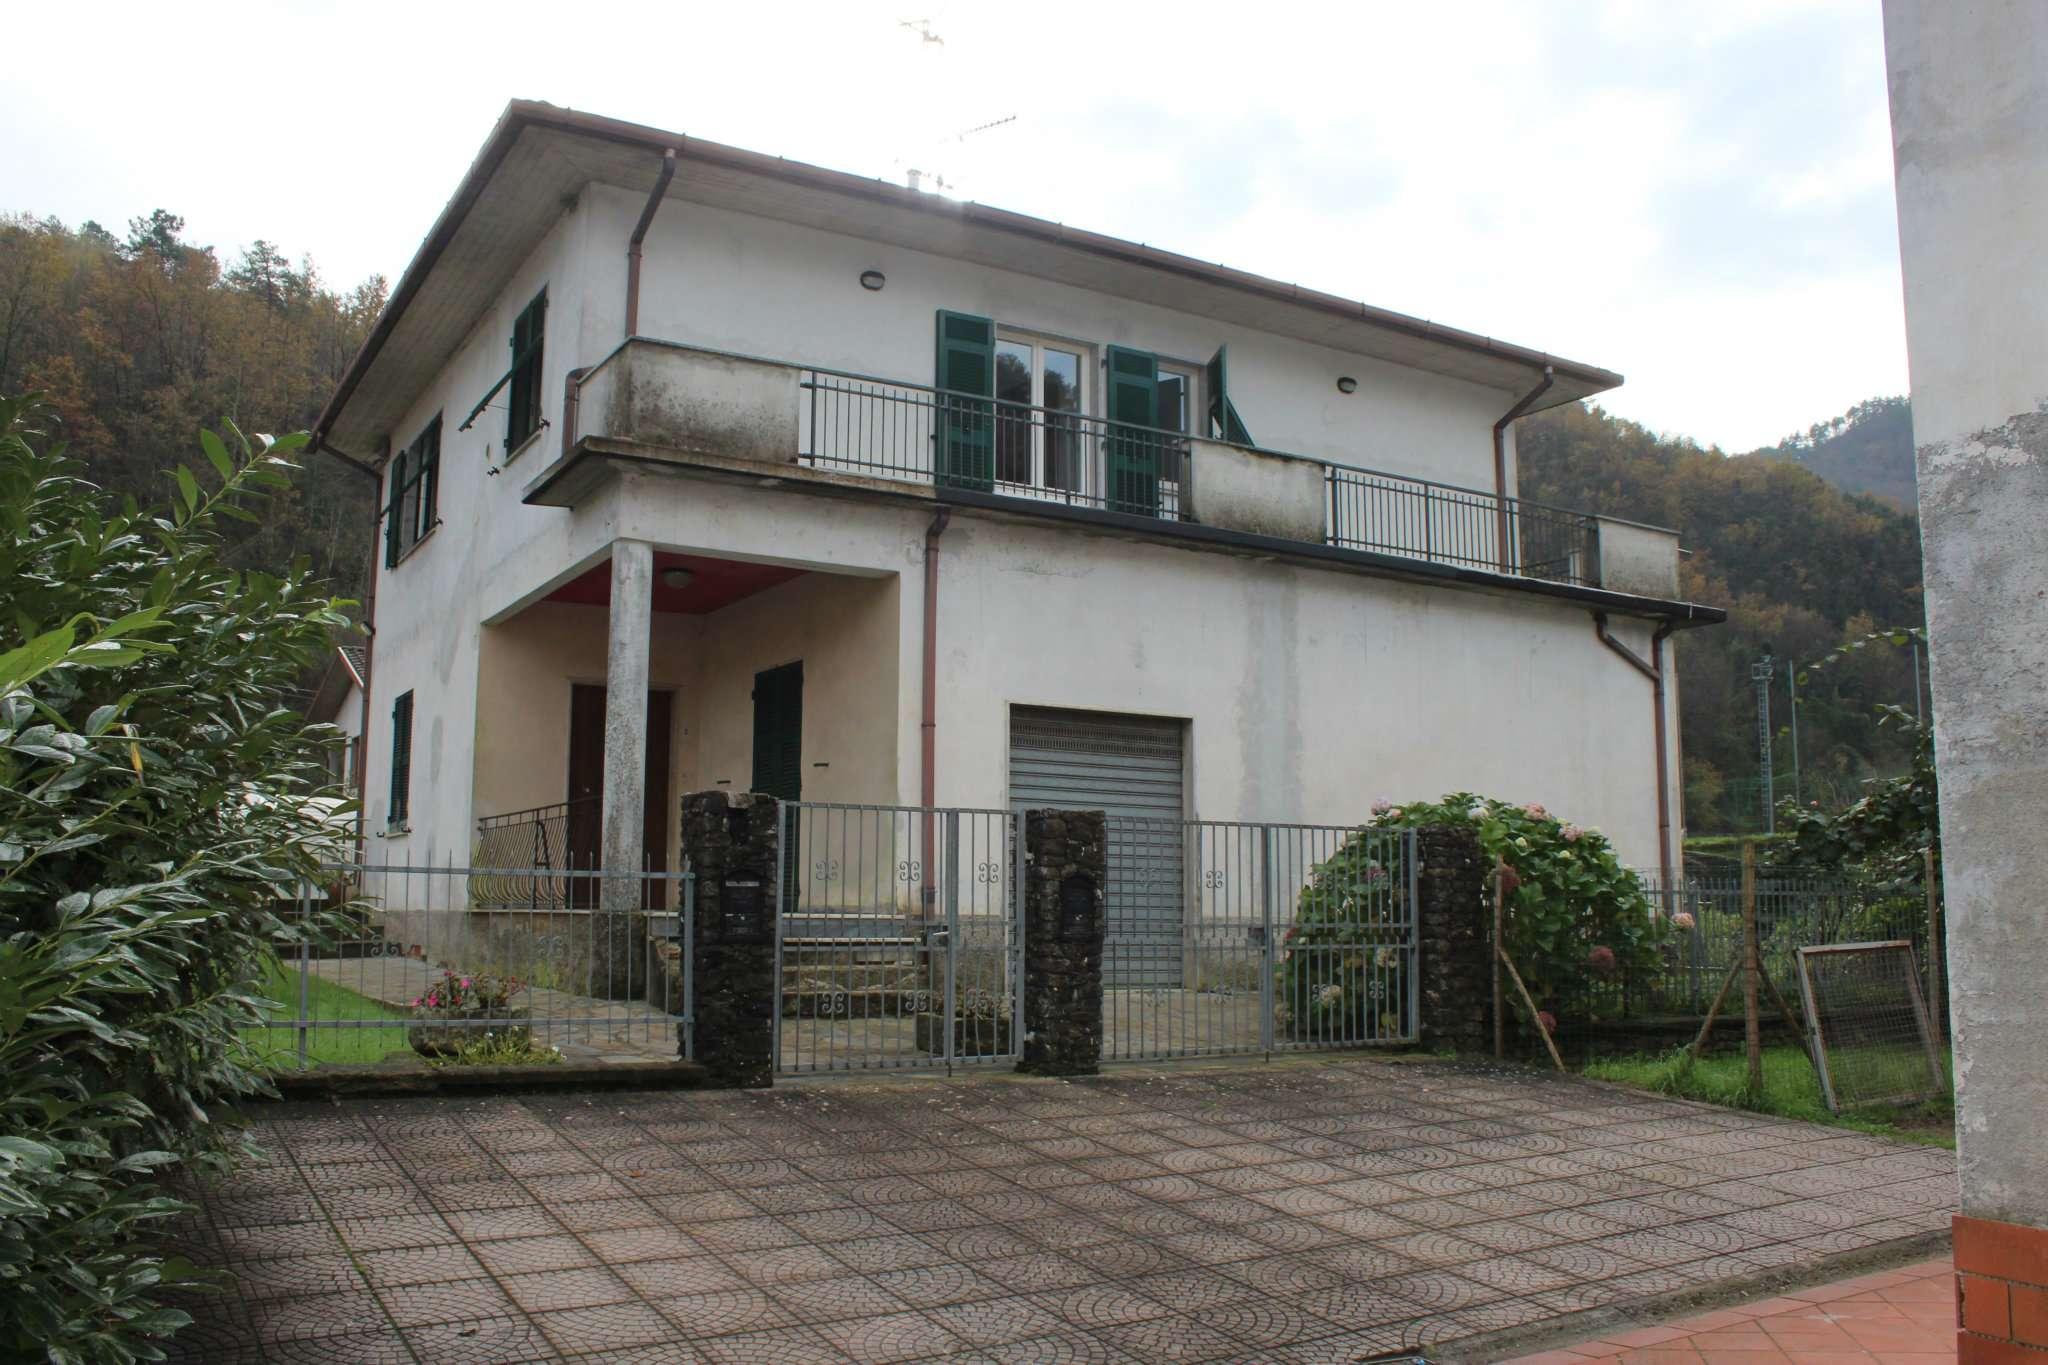 Appartamento in vendita a Pignone, 5 locali, prezzo € 98.000 | Cambio Casa.it